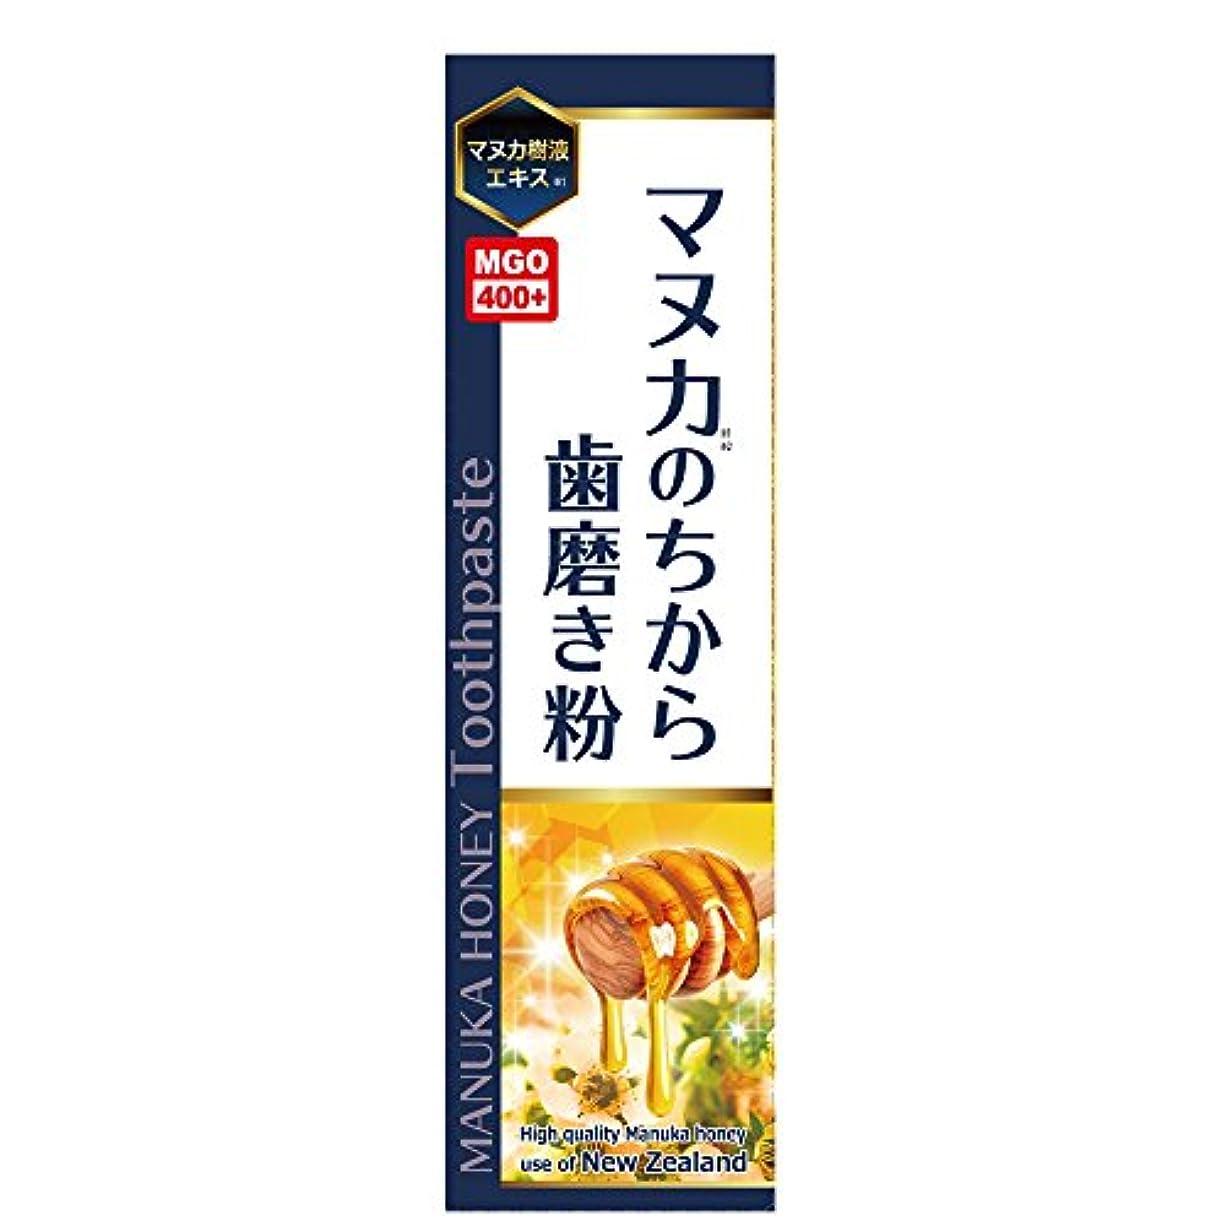 経験ラビリンス復活マヌカのちから歯磨き粉 ハチミツレモン味 100g